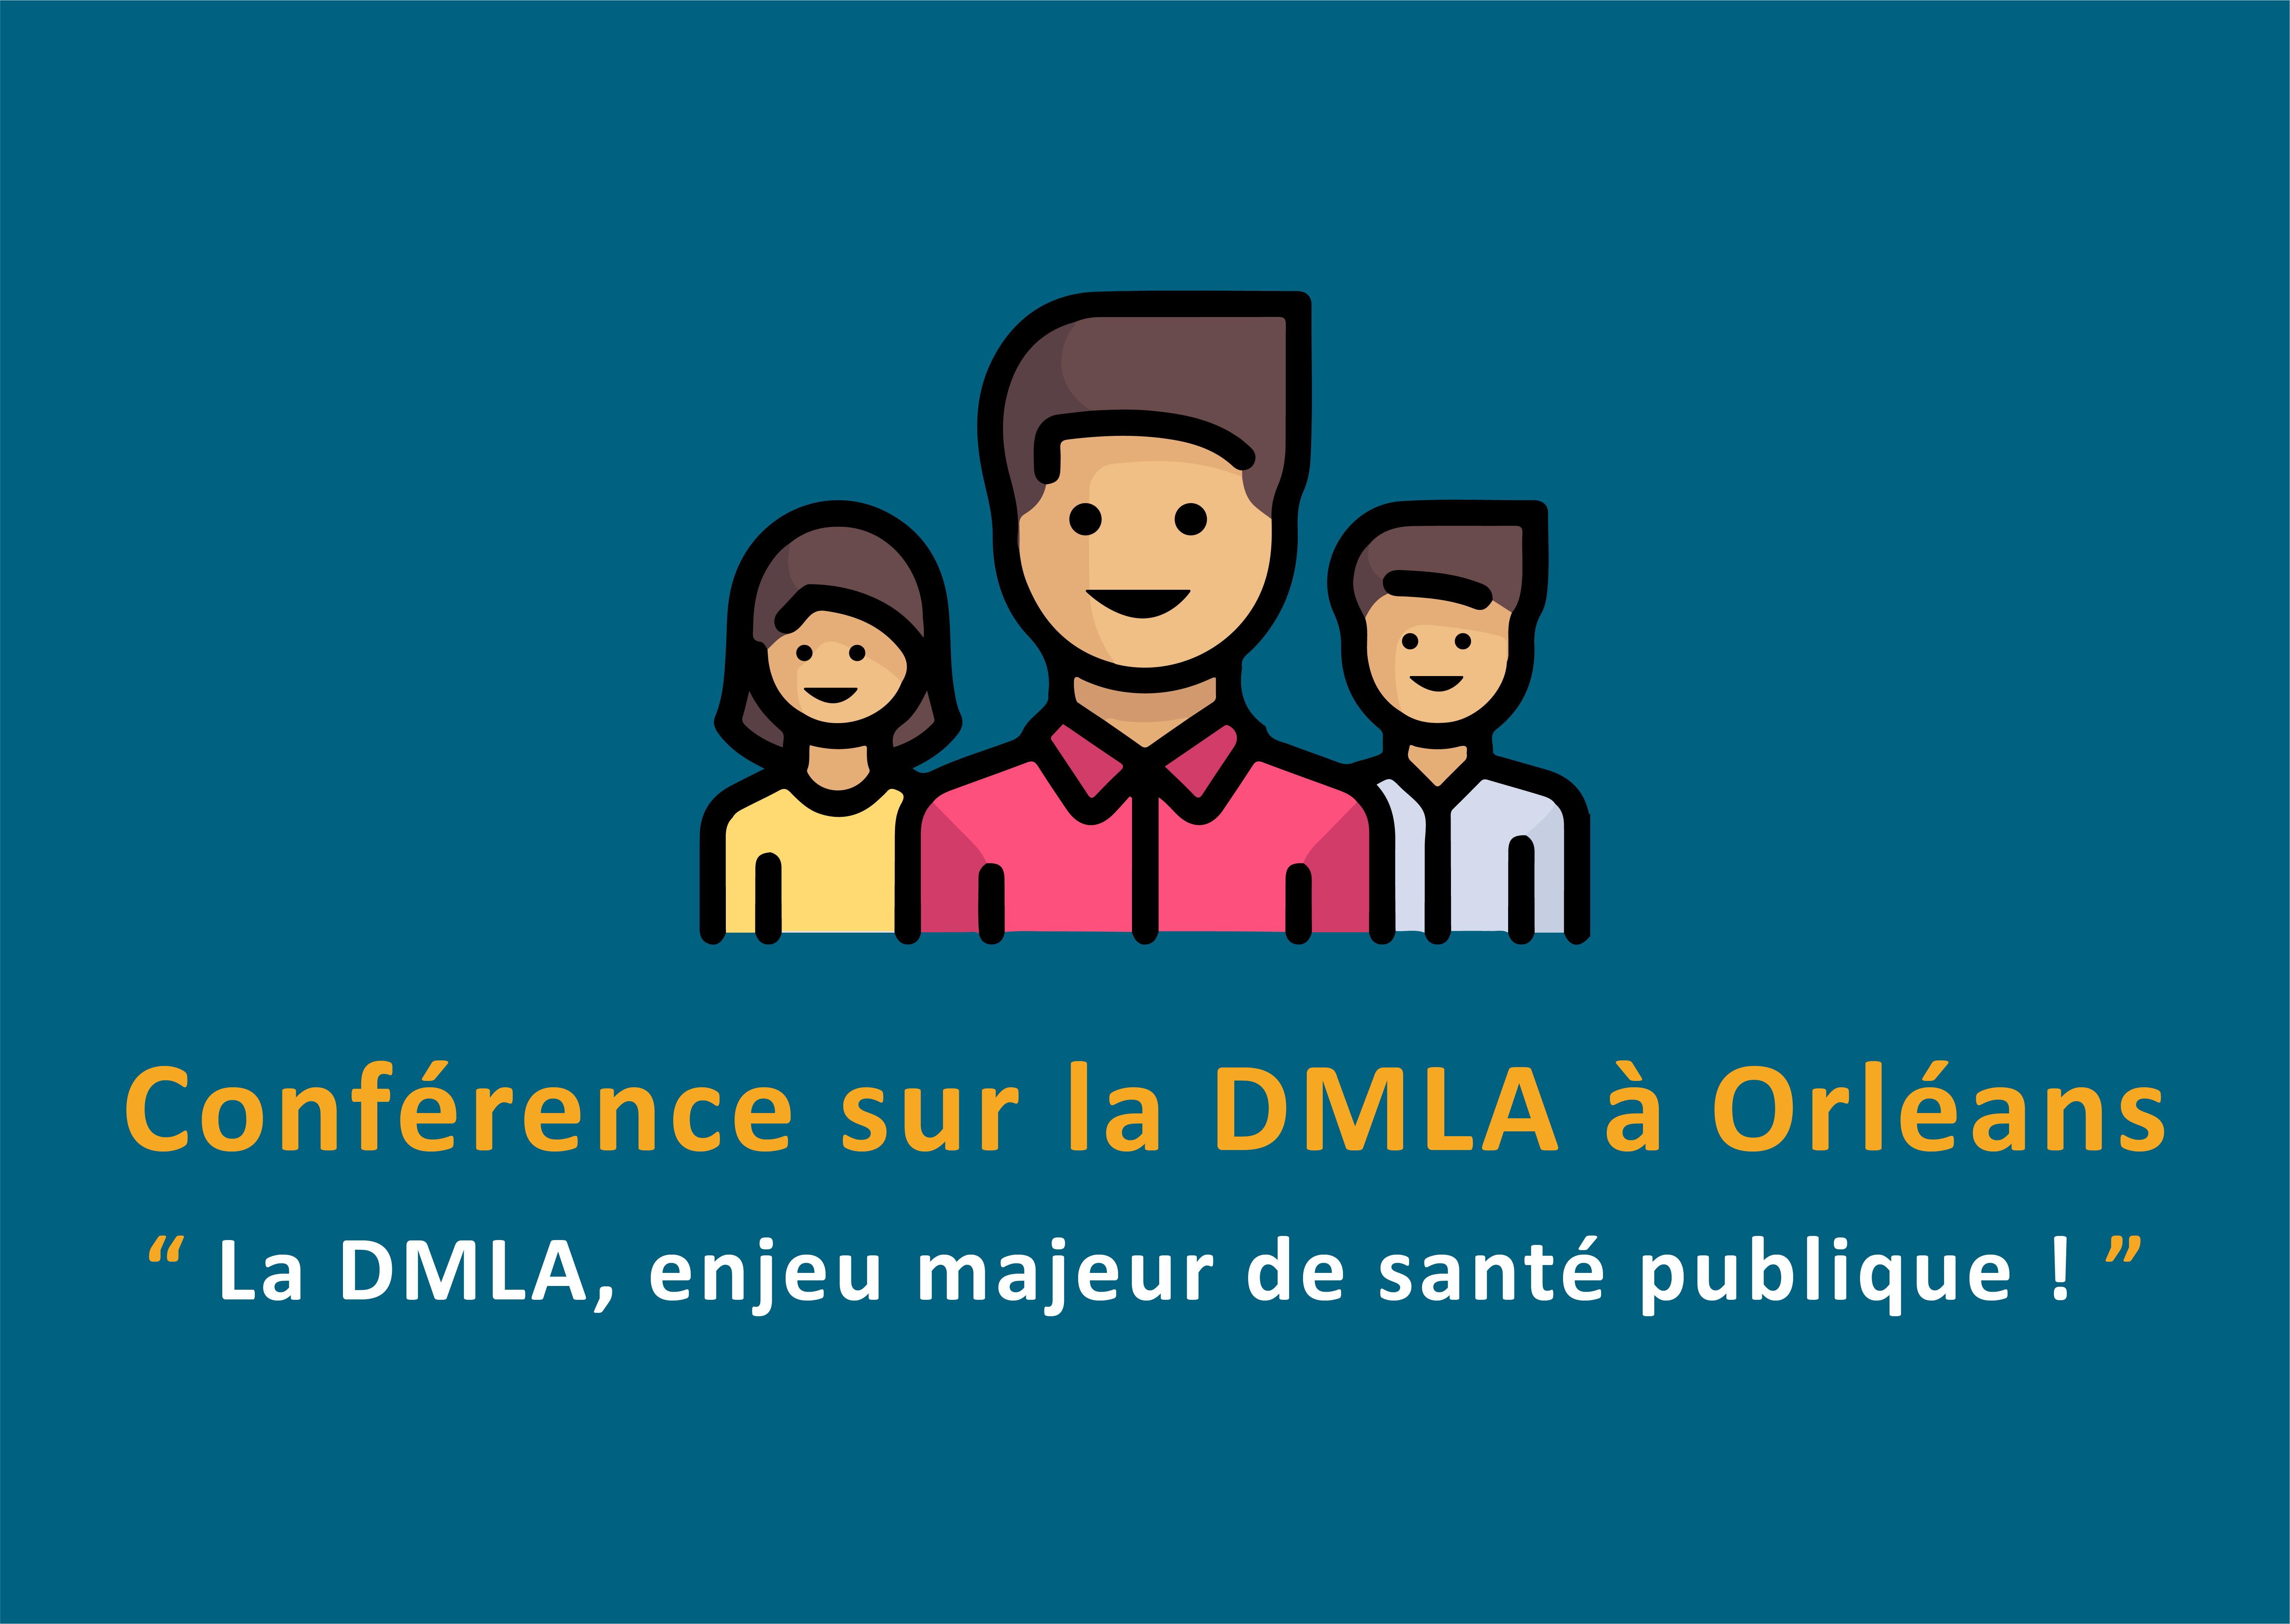 Conférence sur la DMLA se déroulera à Orléans